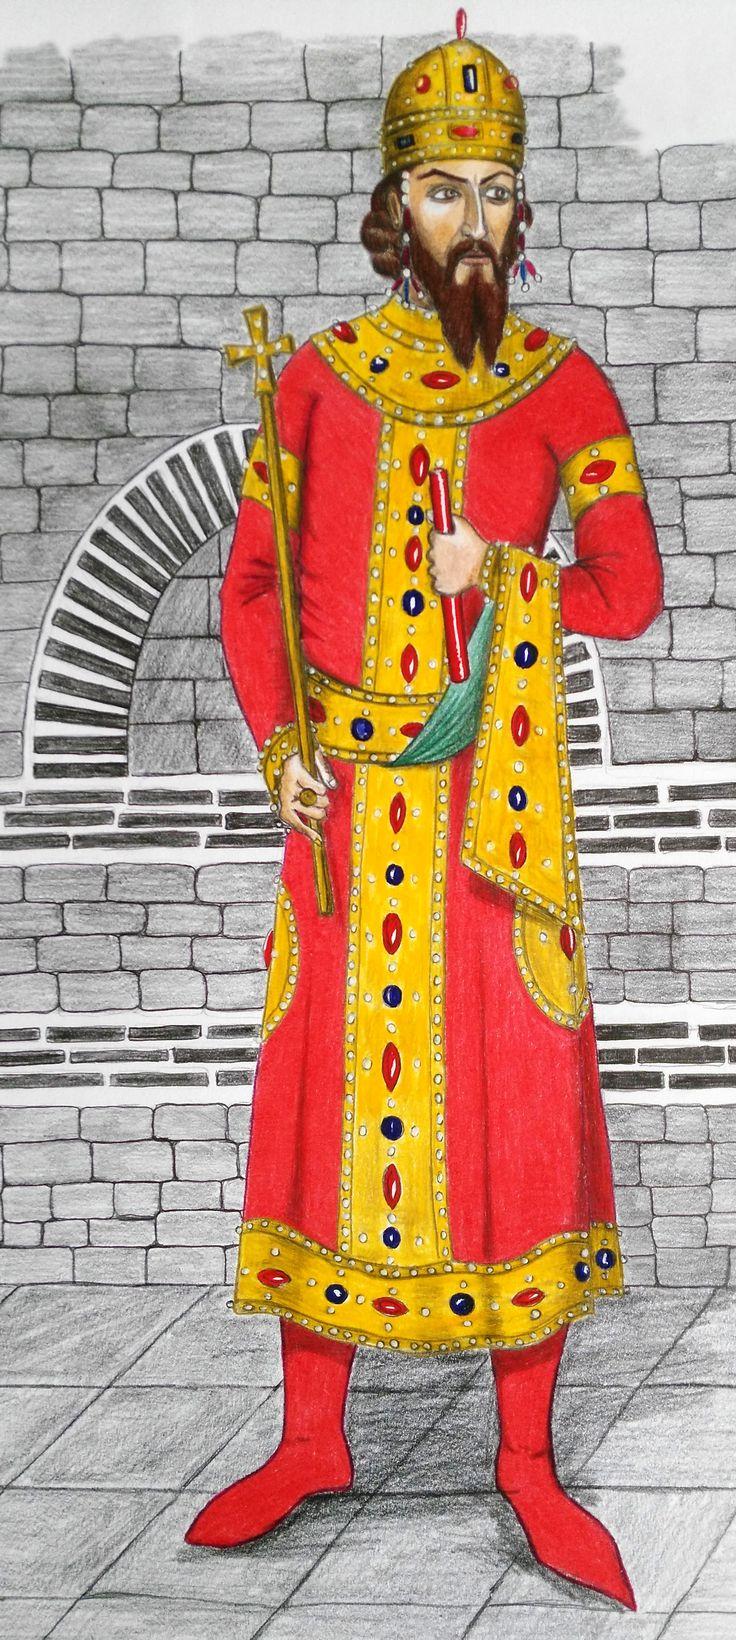 Ivan Alexander (ЇѠАНЪ АЛЄѮАНдРЪ), Tsar of Bulgaria from 1331 to 1371. Drawing inspired by Tetraevangelia of Ivan Alexander  ЇѠАНЪ АЛЄѮАНдРЪ Bulharský cár Ivan Alexander (1331-1371), kresba podľa miniatúry v tzv. Štvorevanjeliáry cára Ivana Alexandra ktorý vznikol medzi rokmi 1355 - 1356.